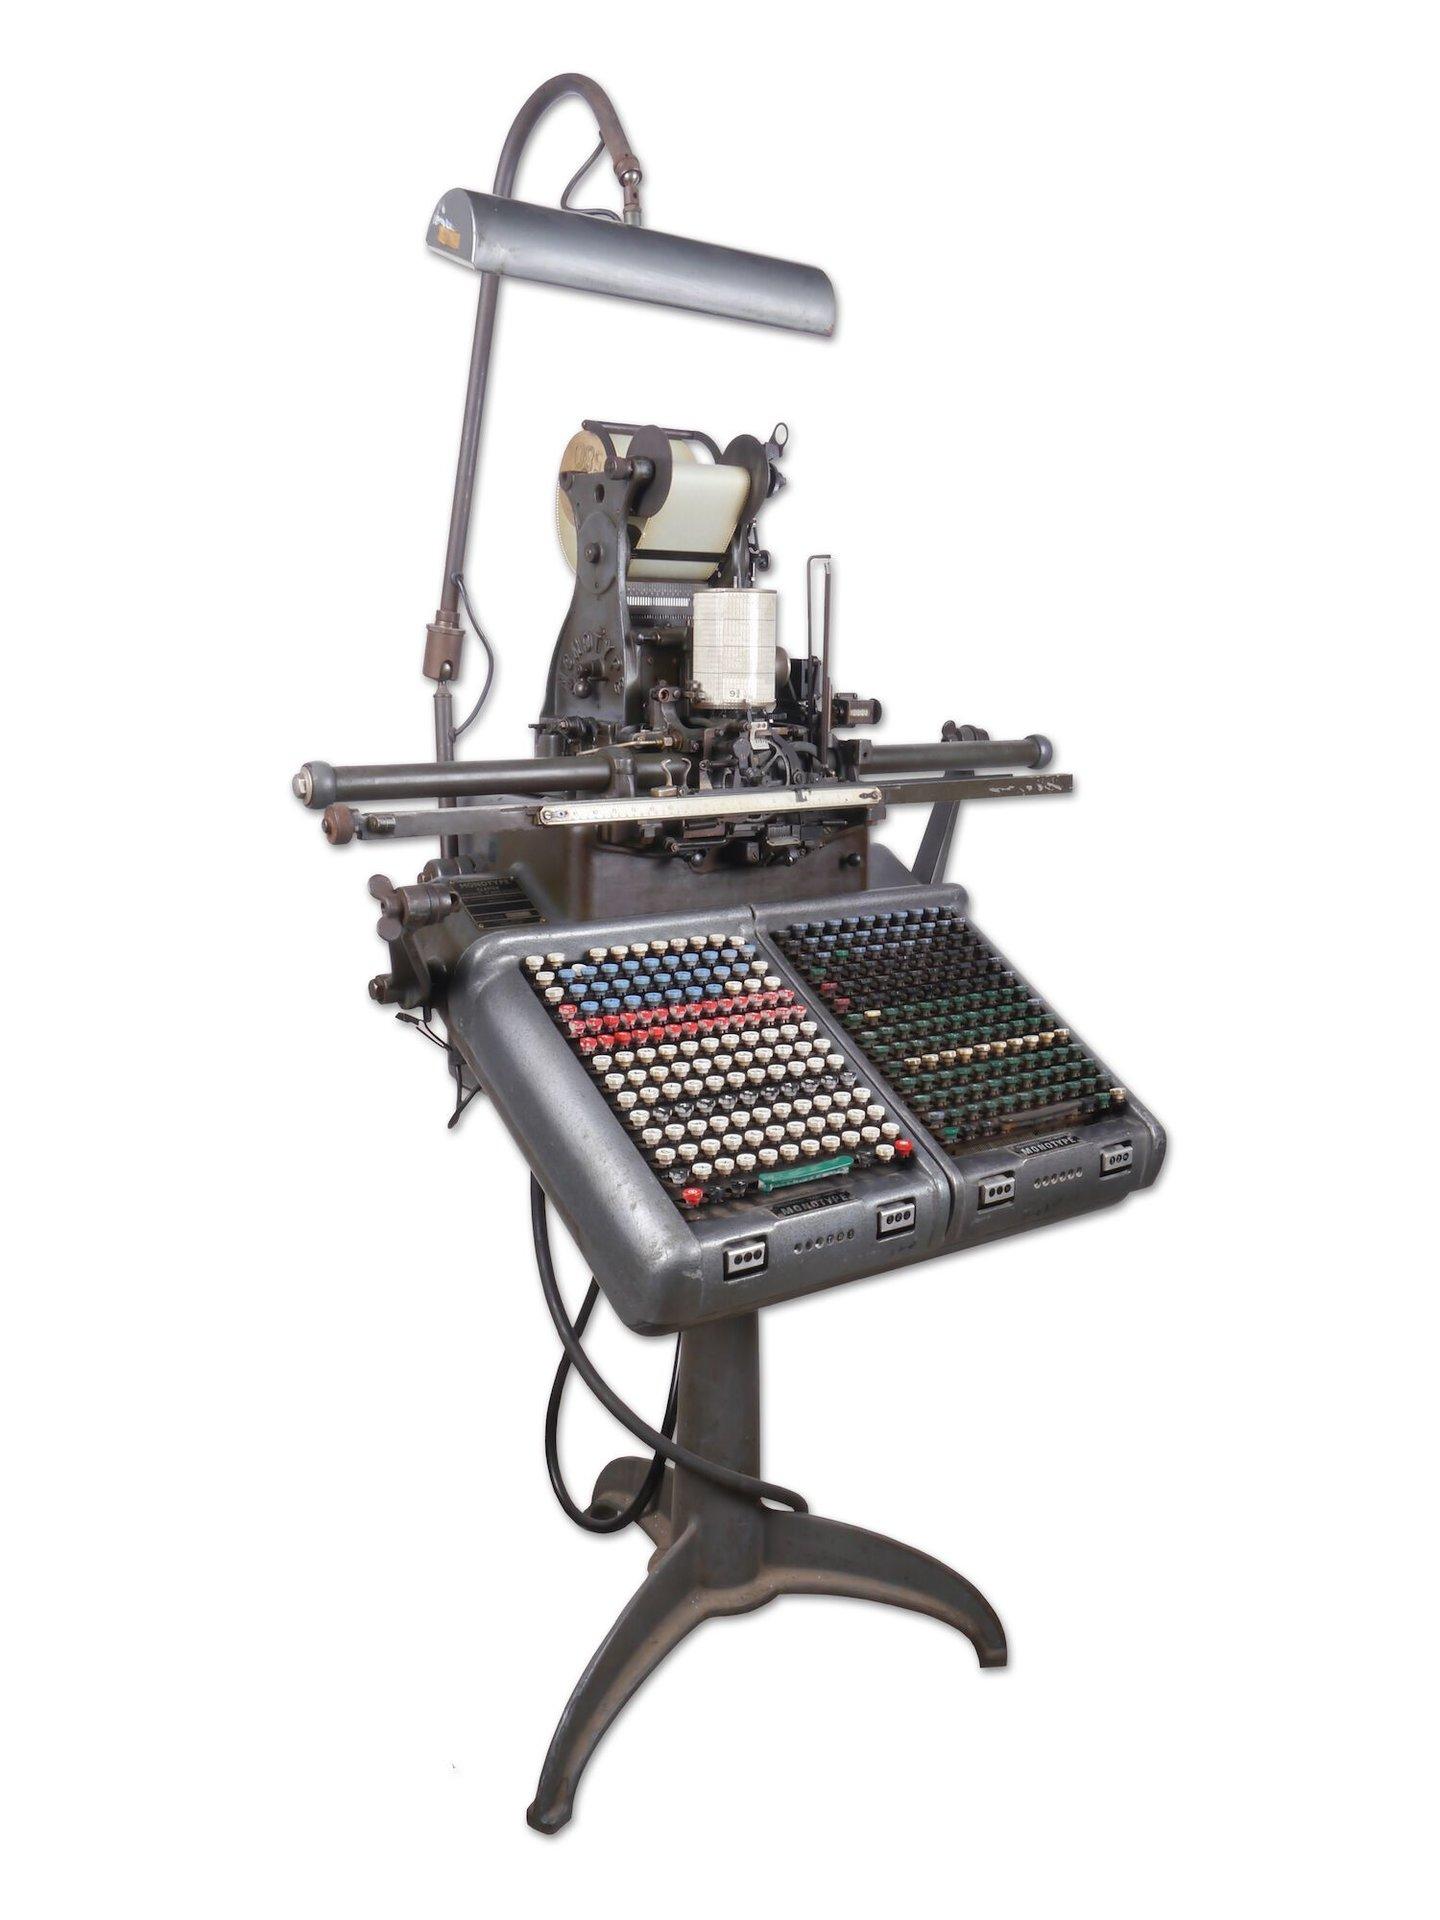 Toetsenbord voor het aansturen van een lettergietmachine van het merk Monotype